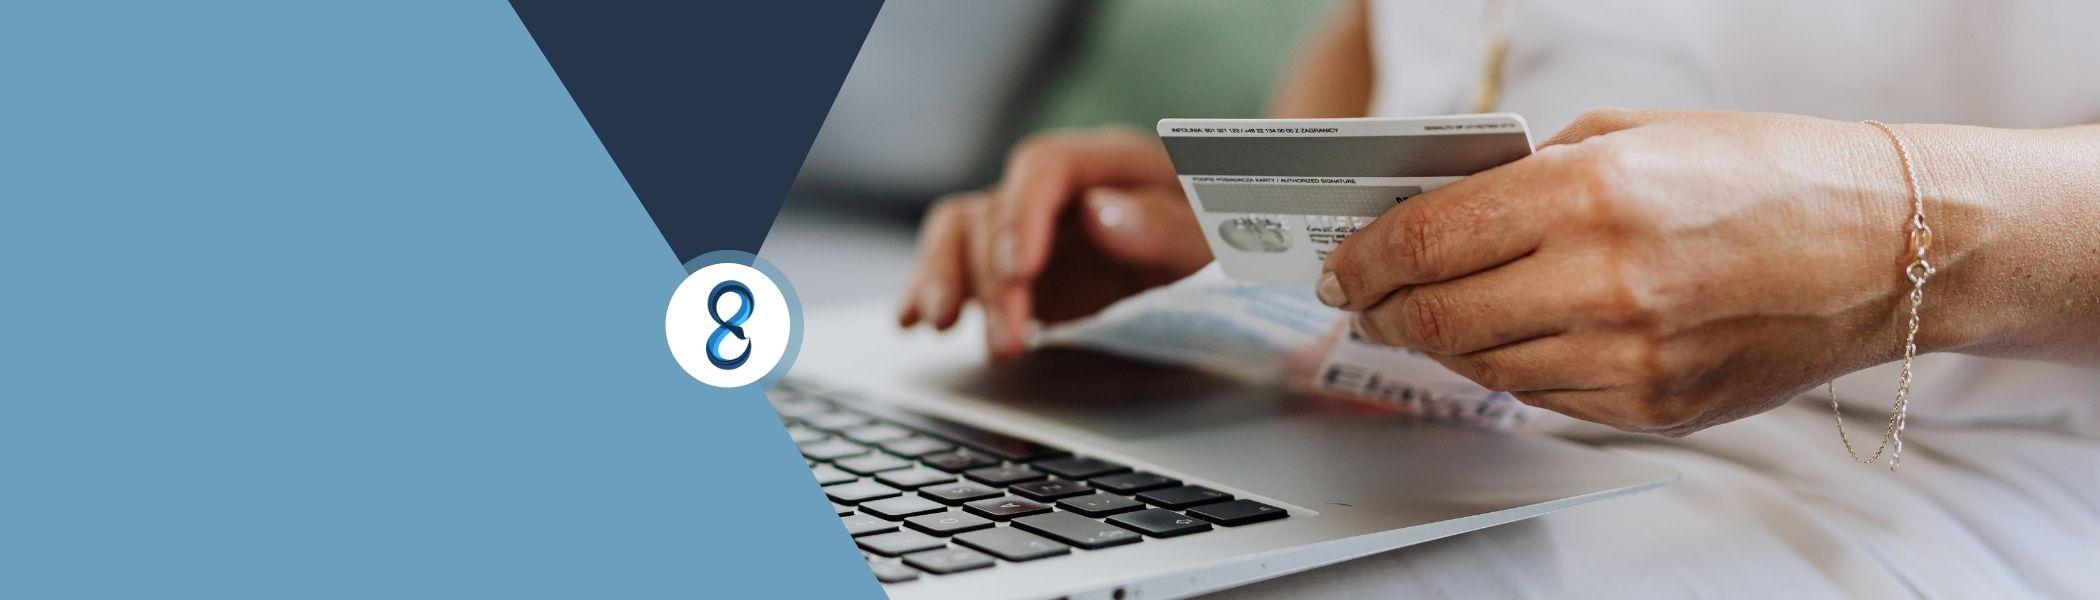 Aprire un sito E-Commerce: Raggiungere nuovi orizzonti di Business